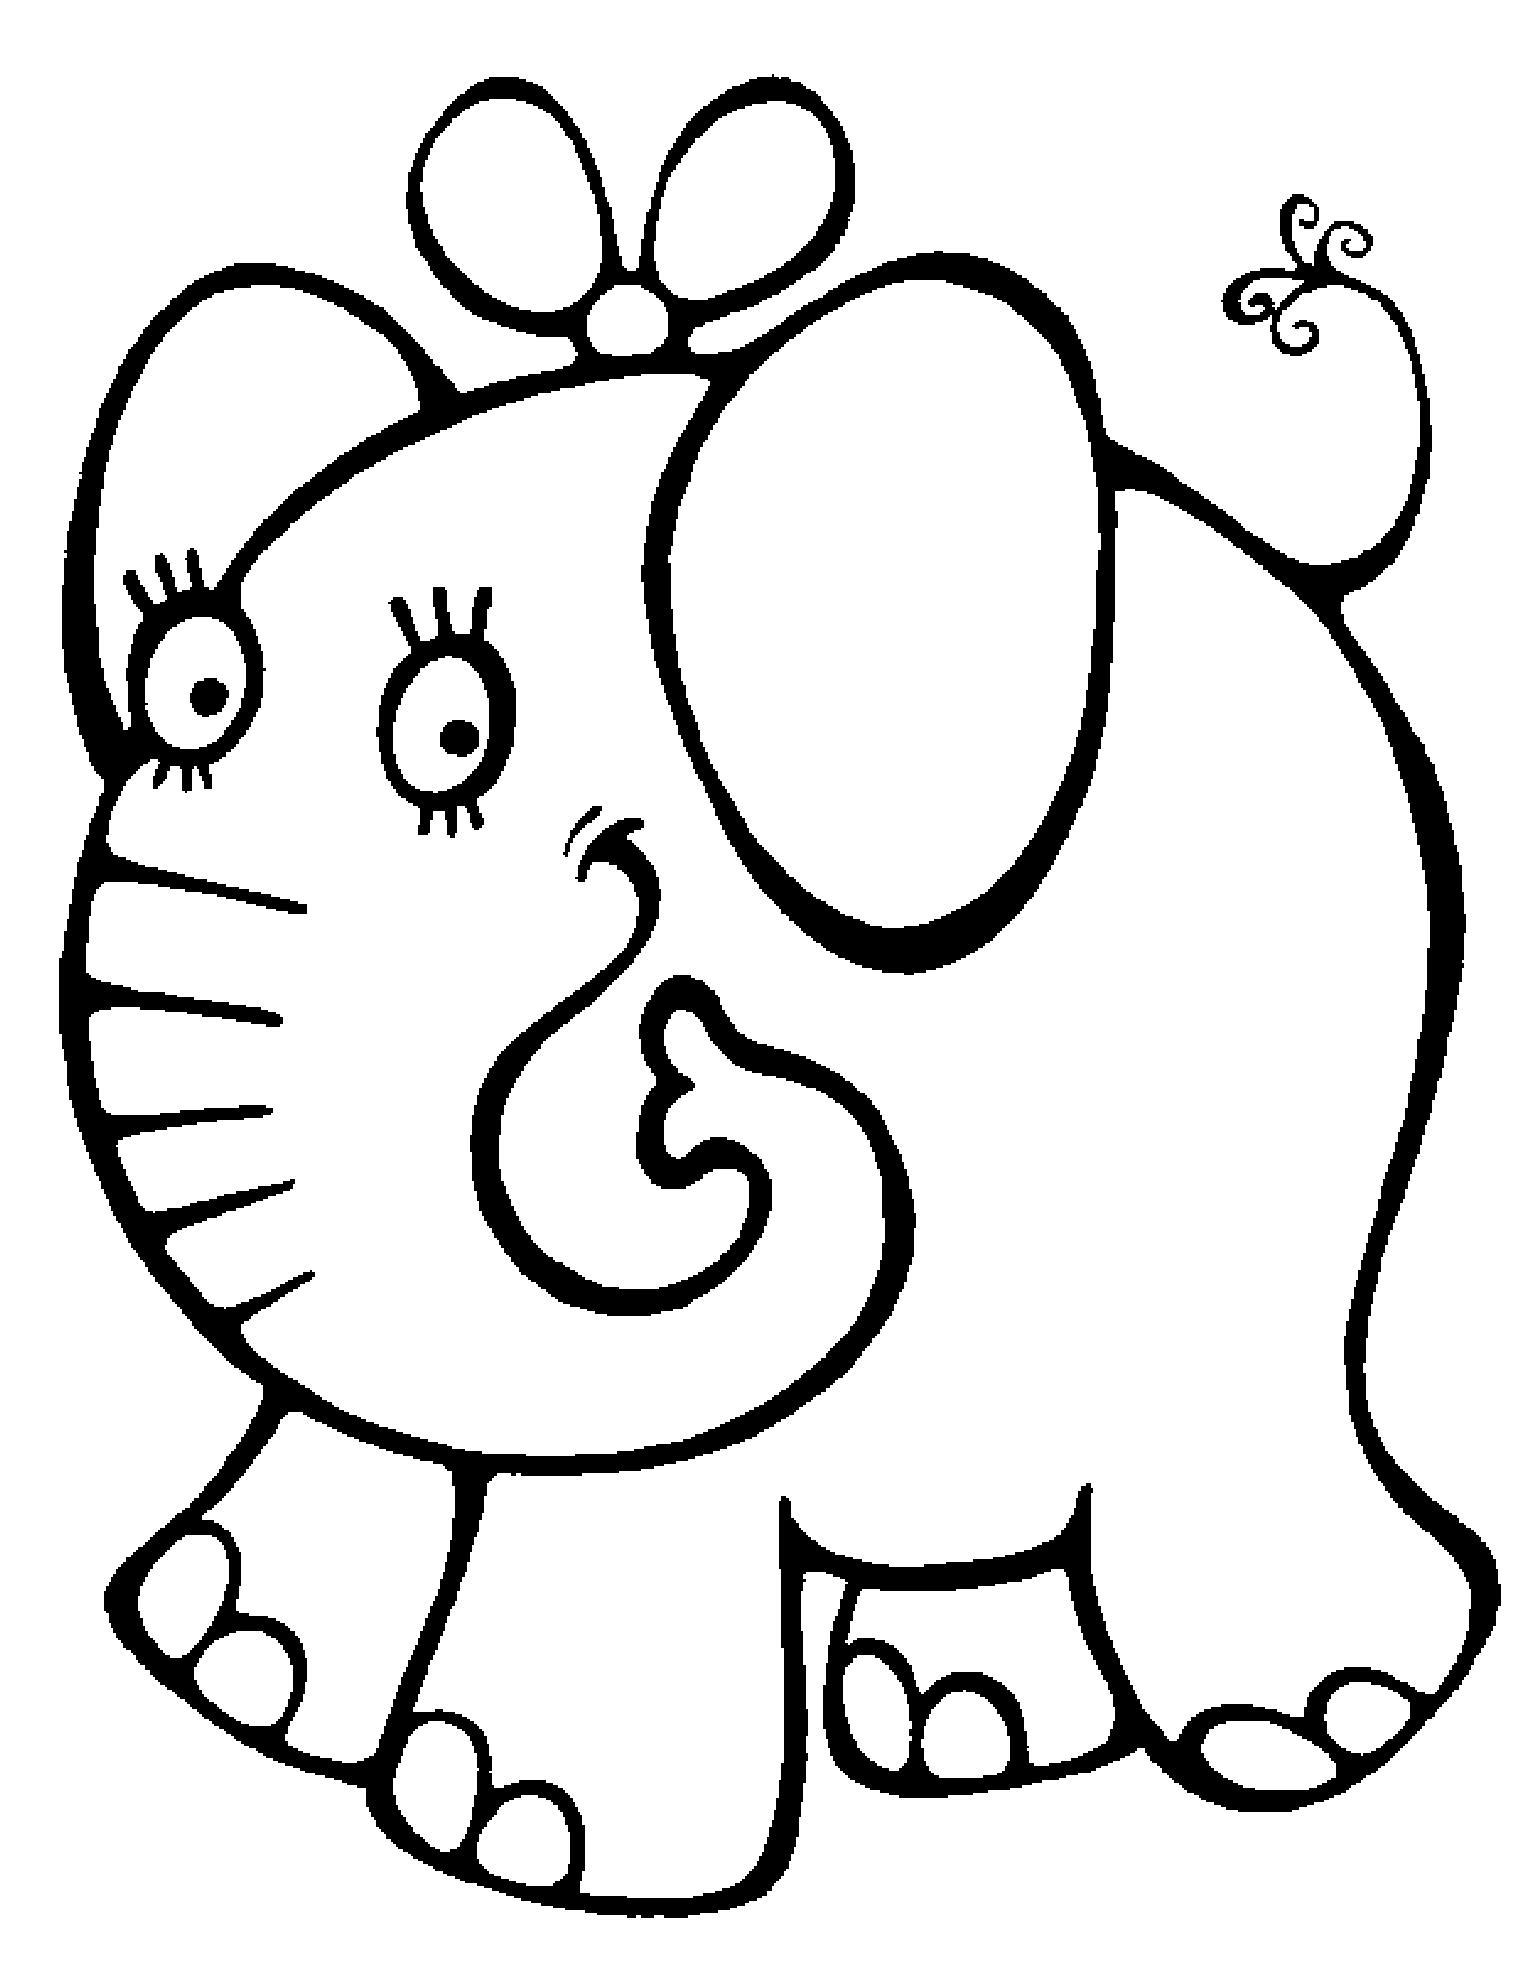 Распечатать бесплатные раскраски для детей: для самых маленьких:слон